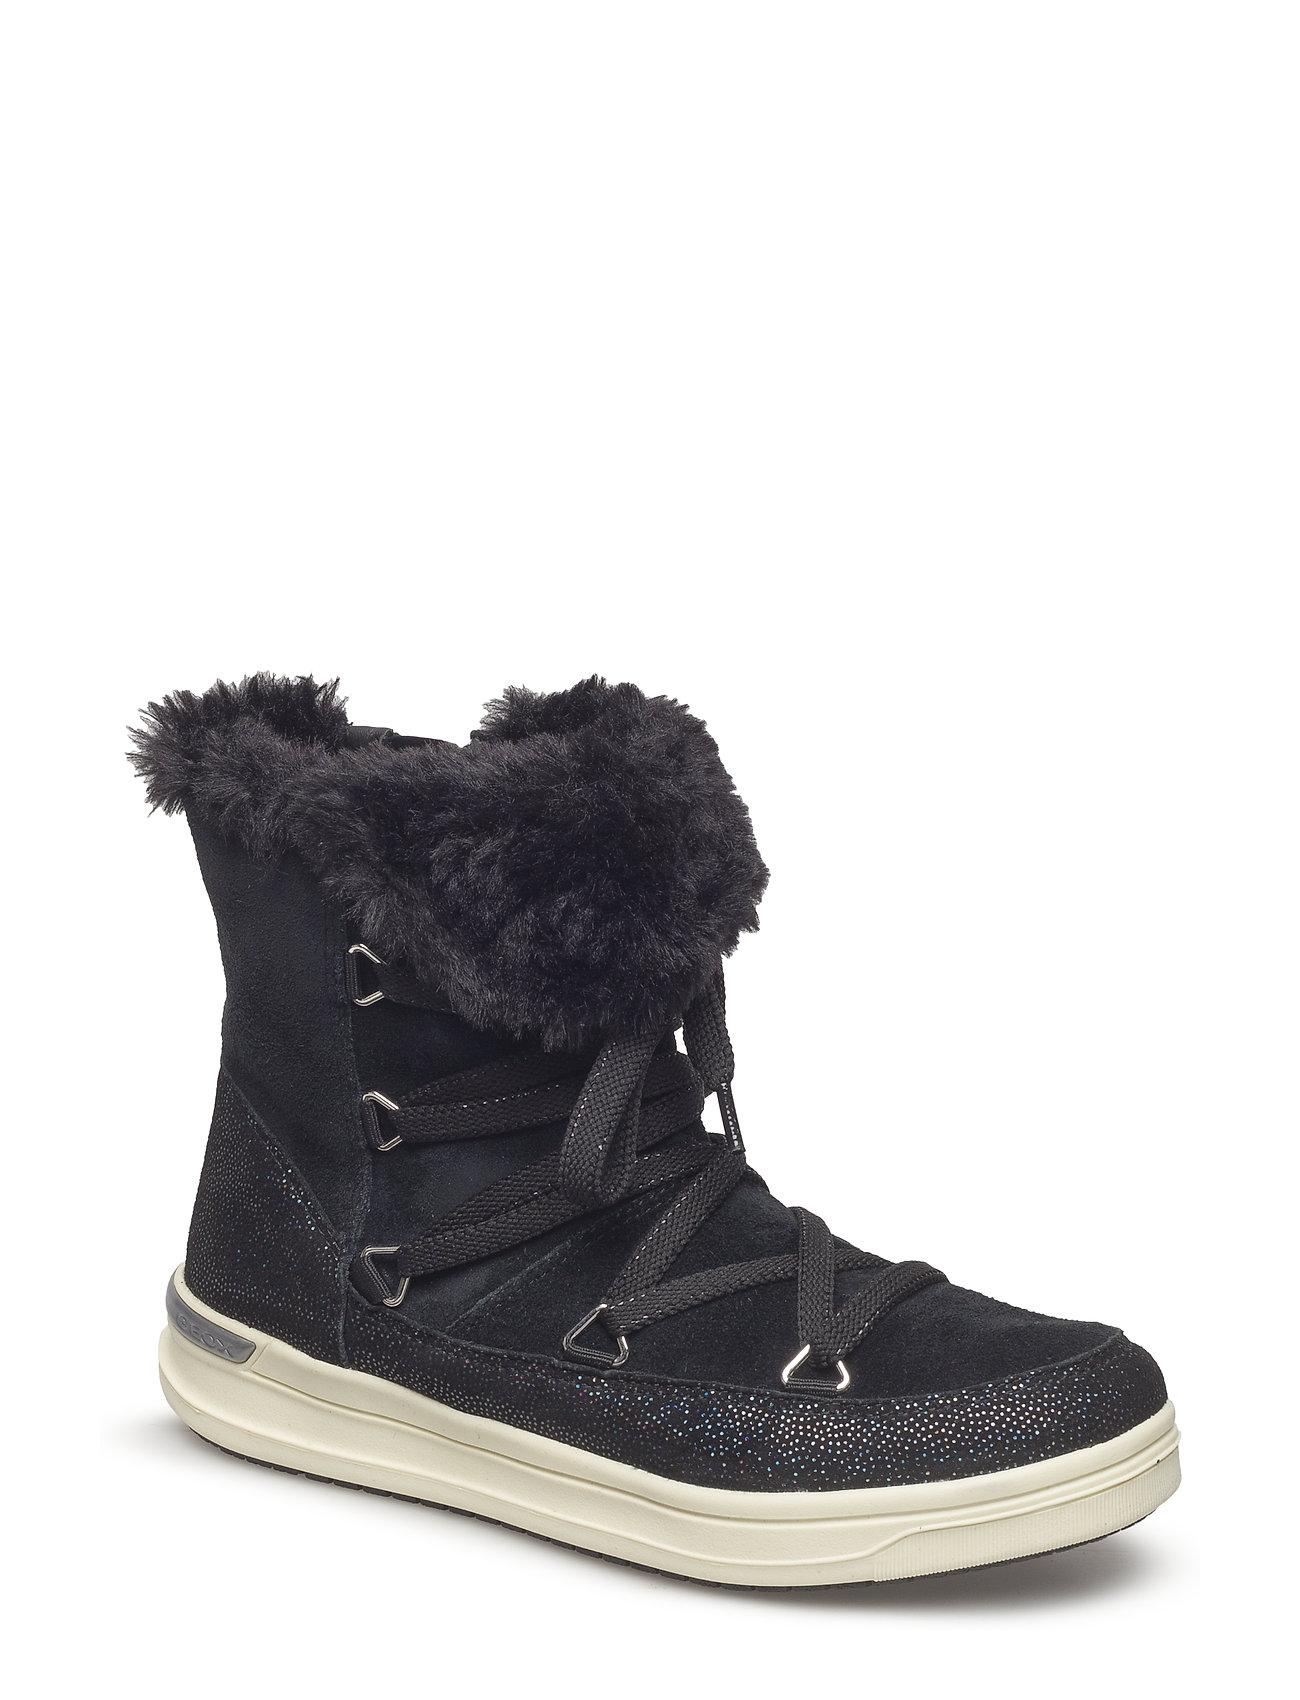 Dame vinterstøvler Varme og smarte vinterstøvler til kvinder